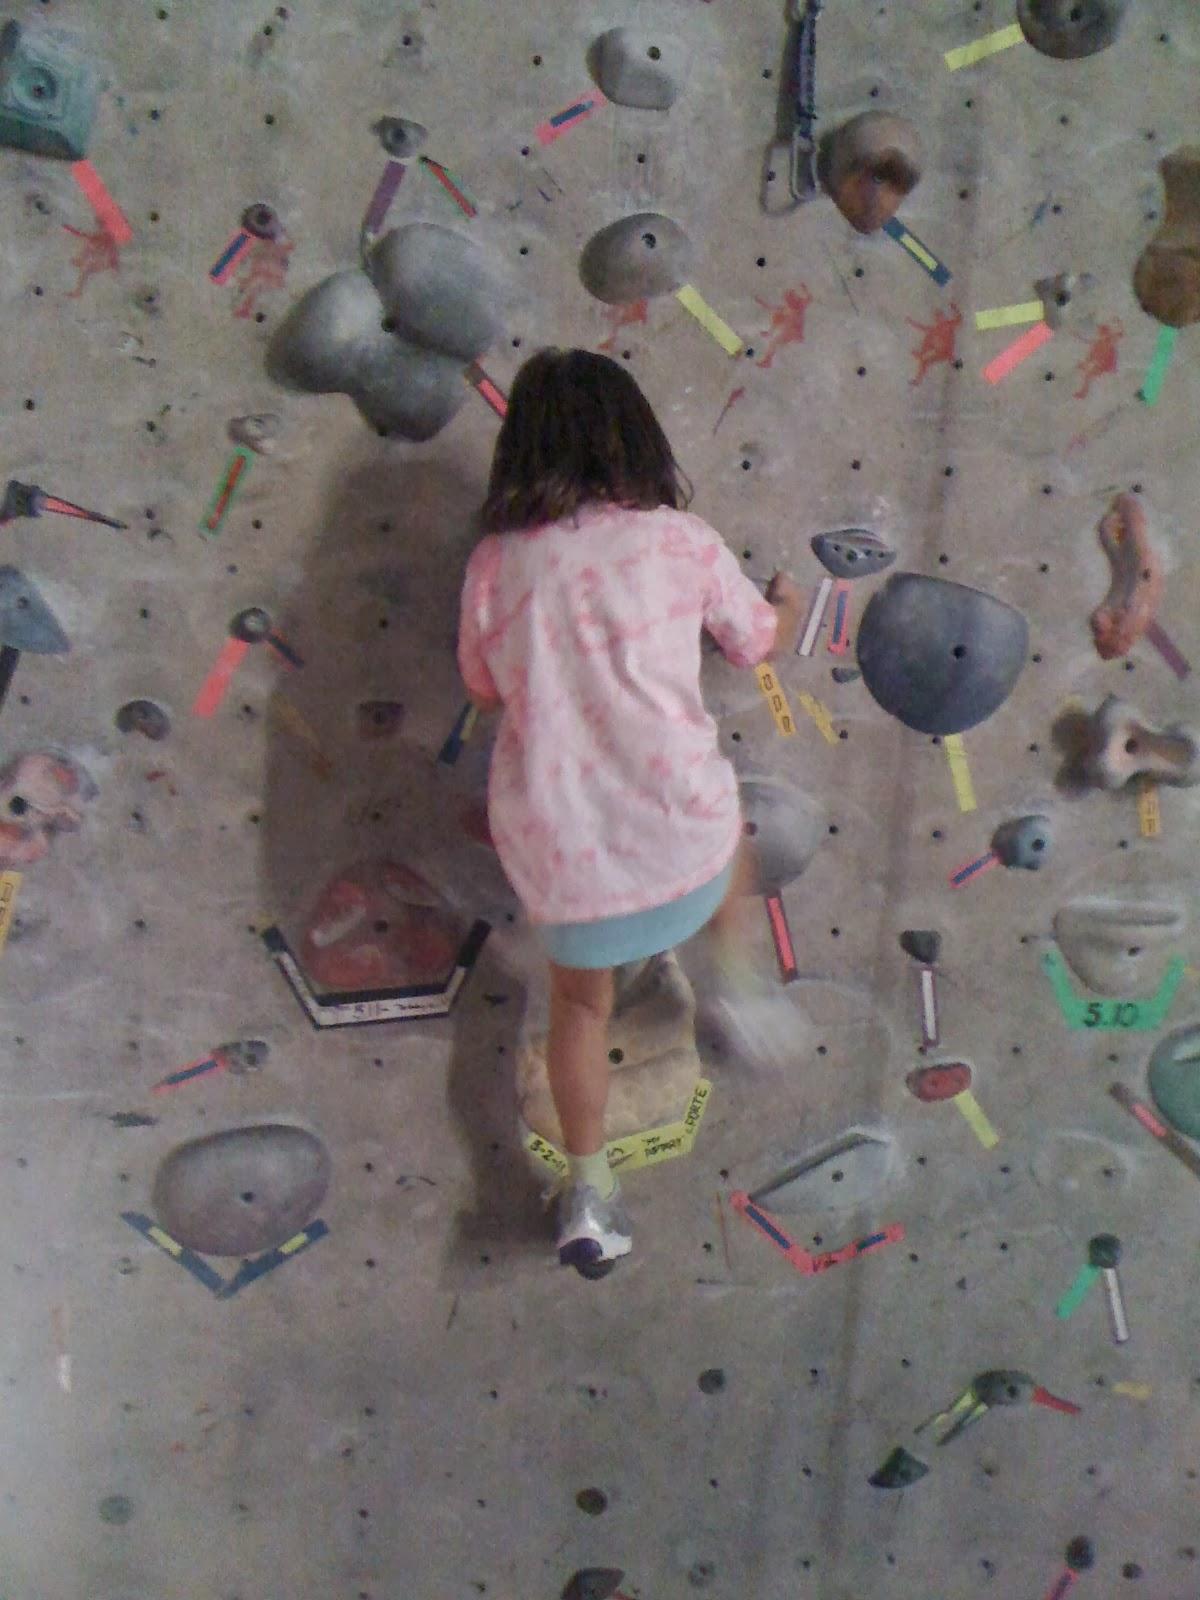 Red Rock Climbing Gym in Las Vegas